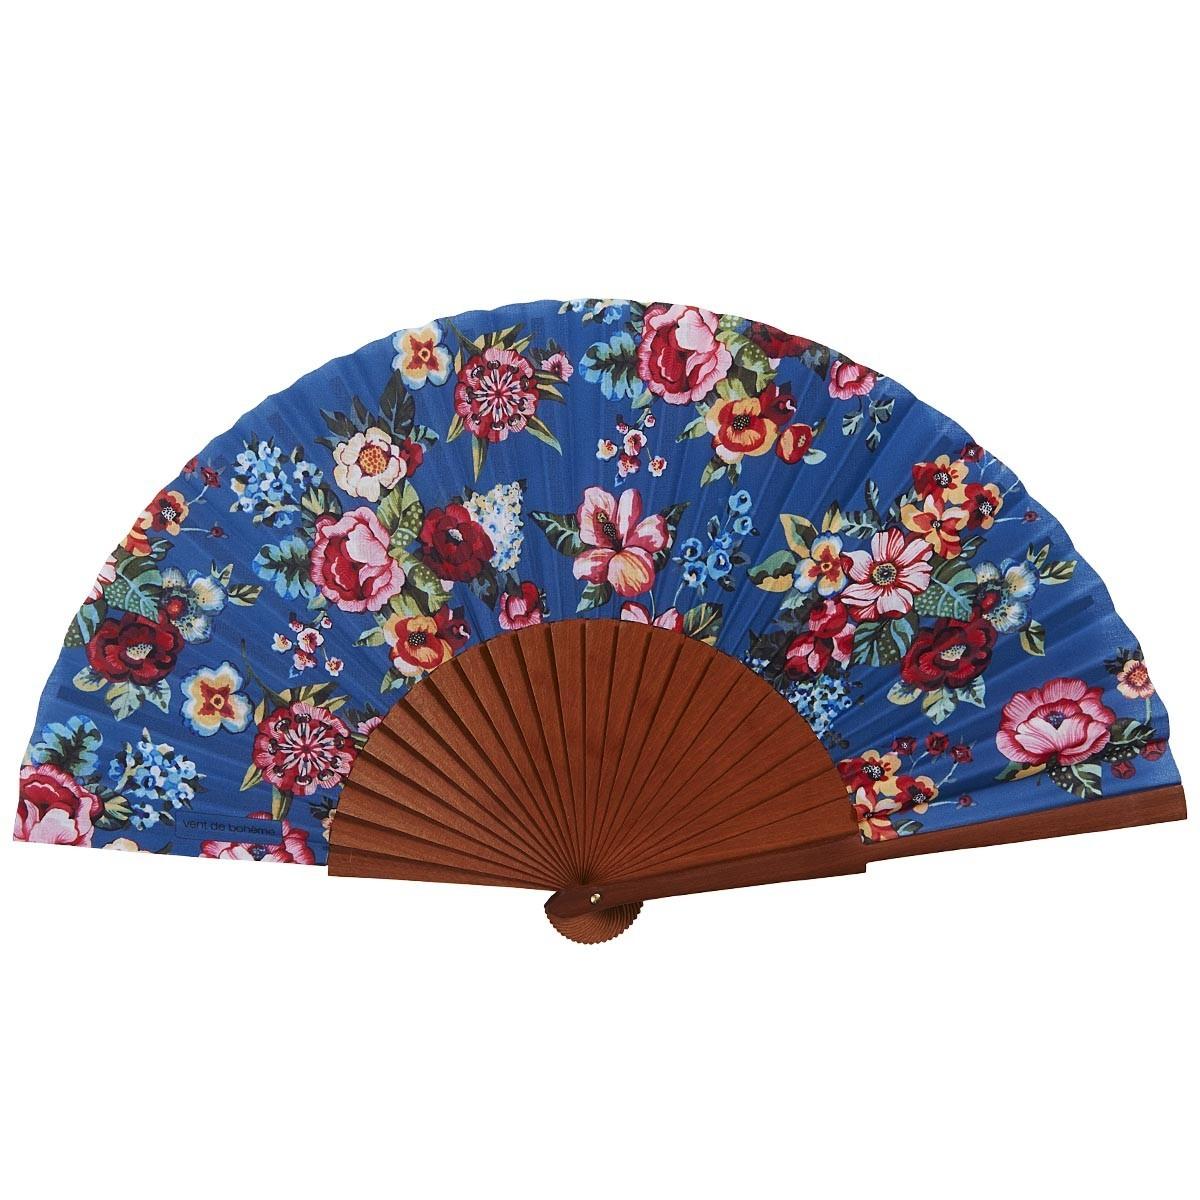 Éventail en bois de merisier et coton imprimé fleuri bleu